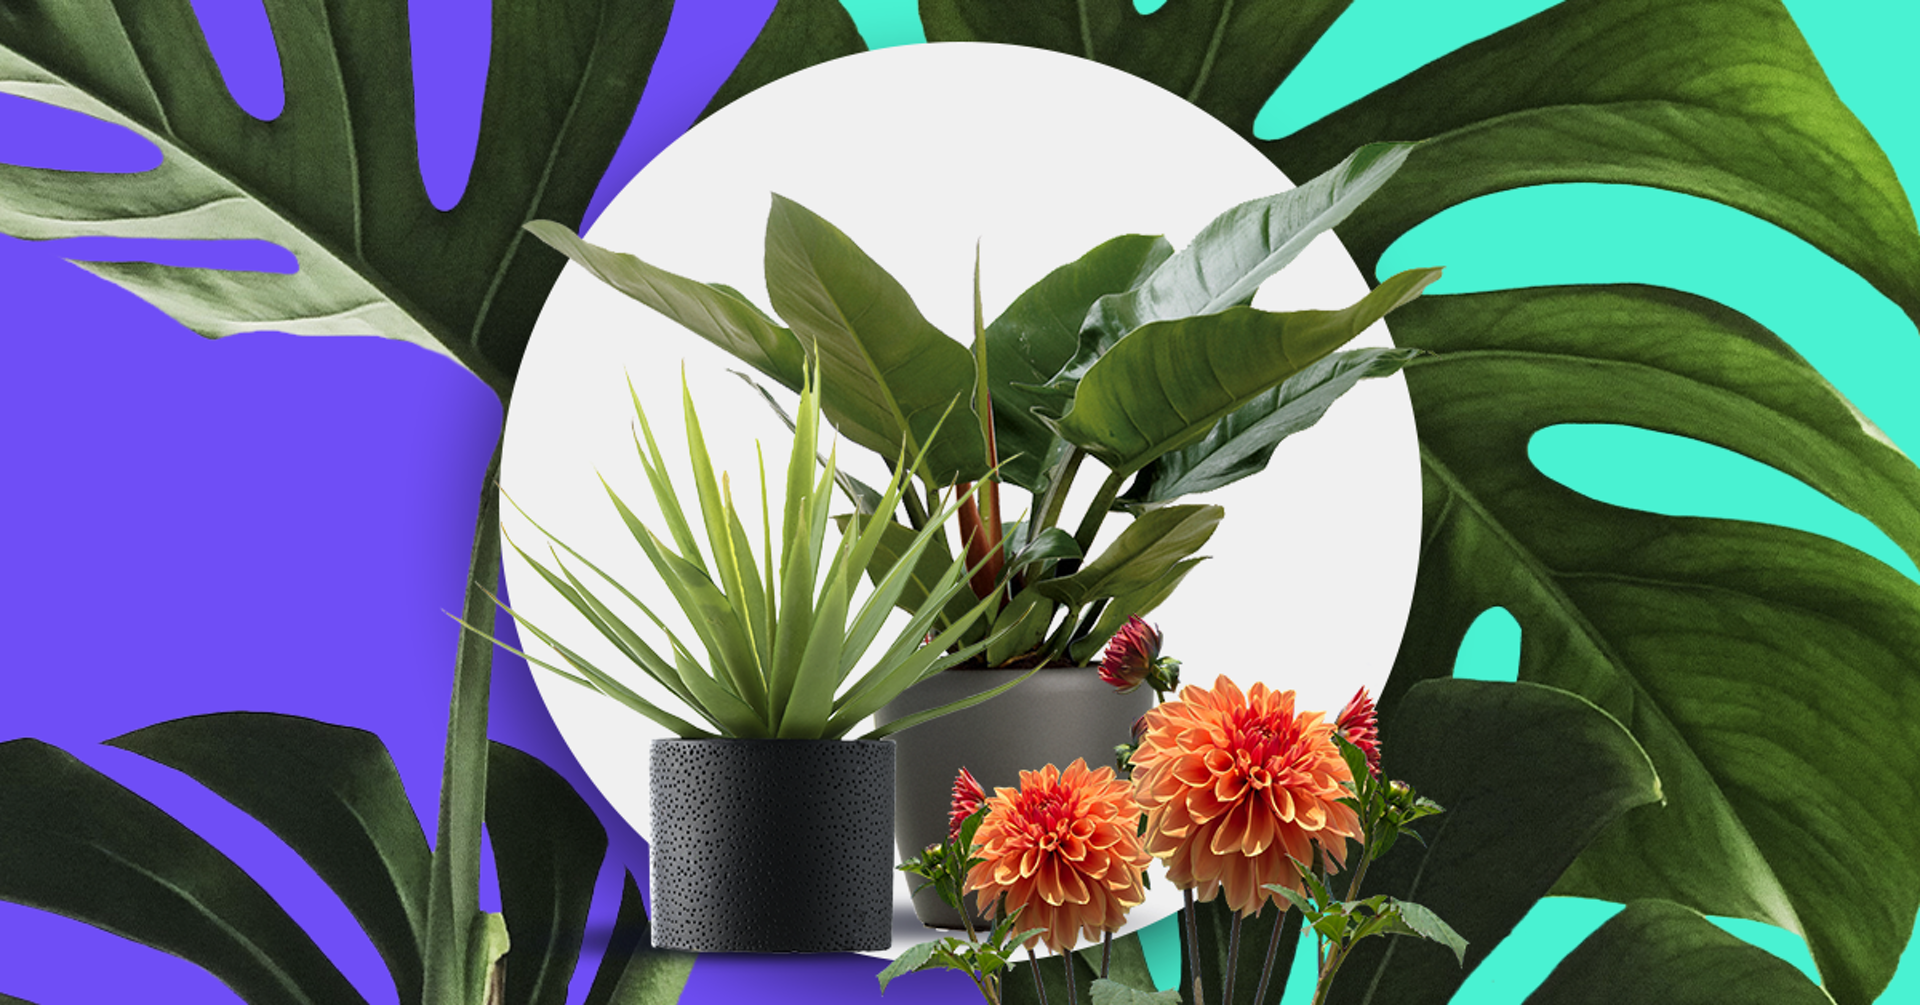 ¿Cómo cuidar las plantas? La guía que necesitas para que tus plantas crezcan felices